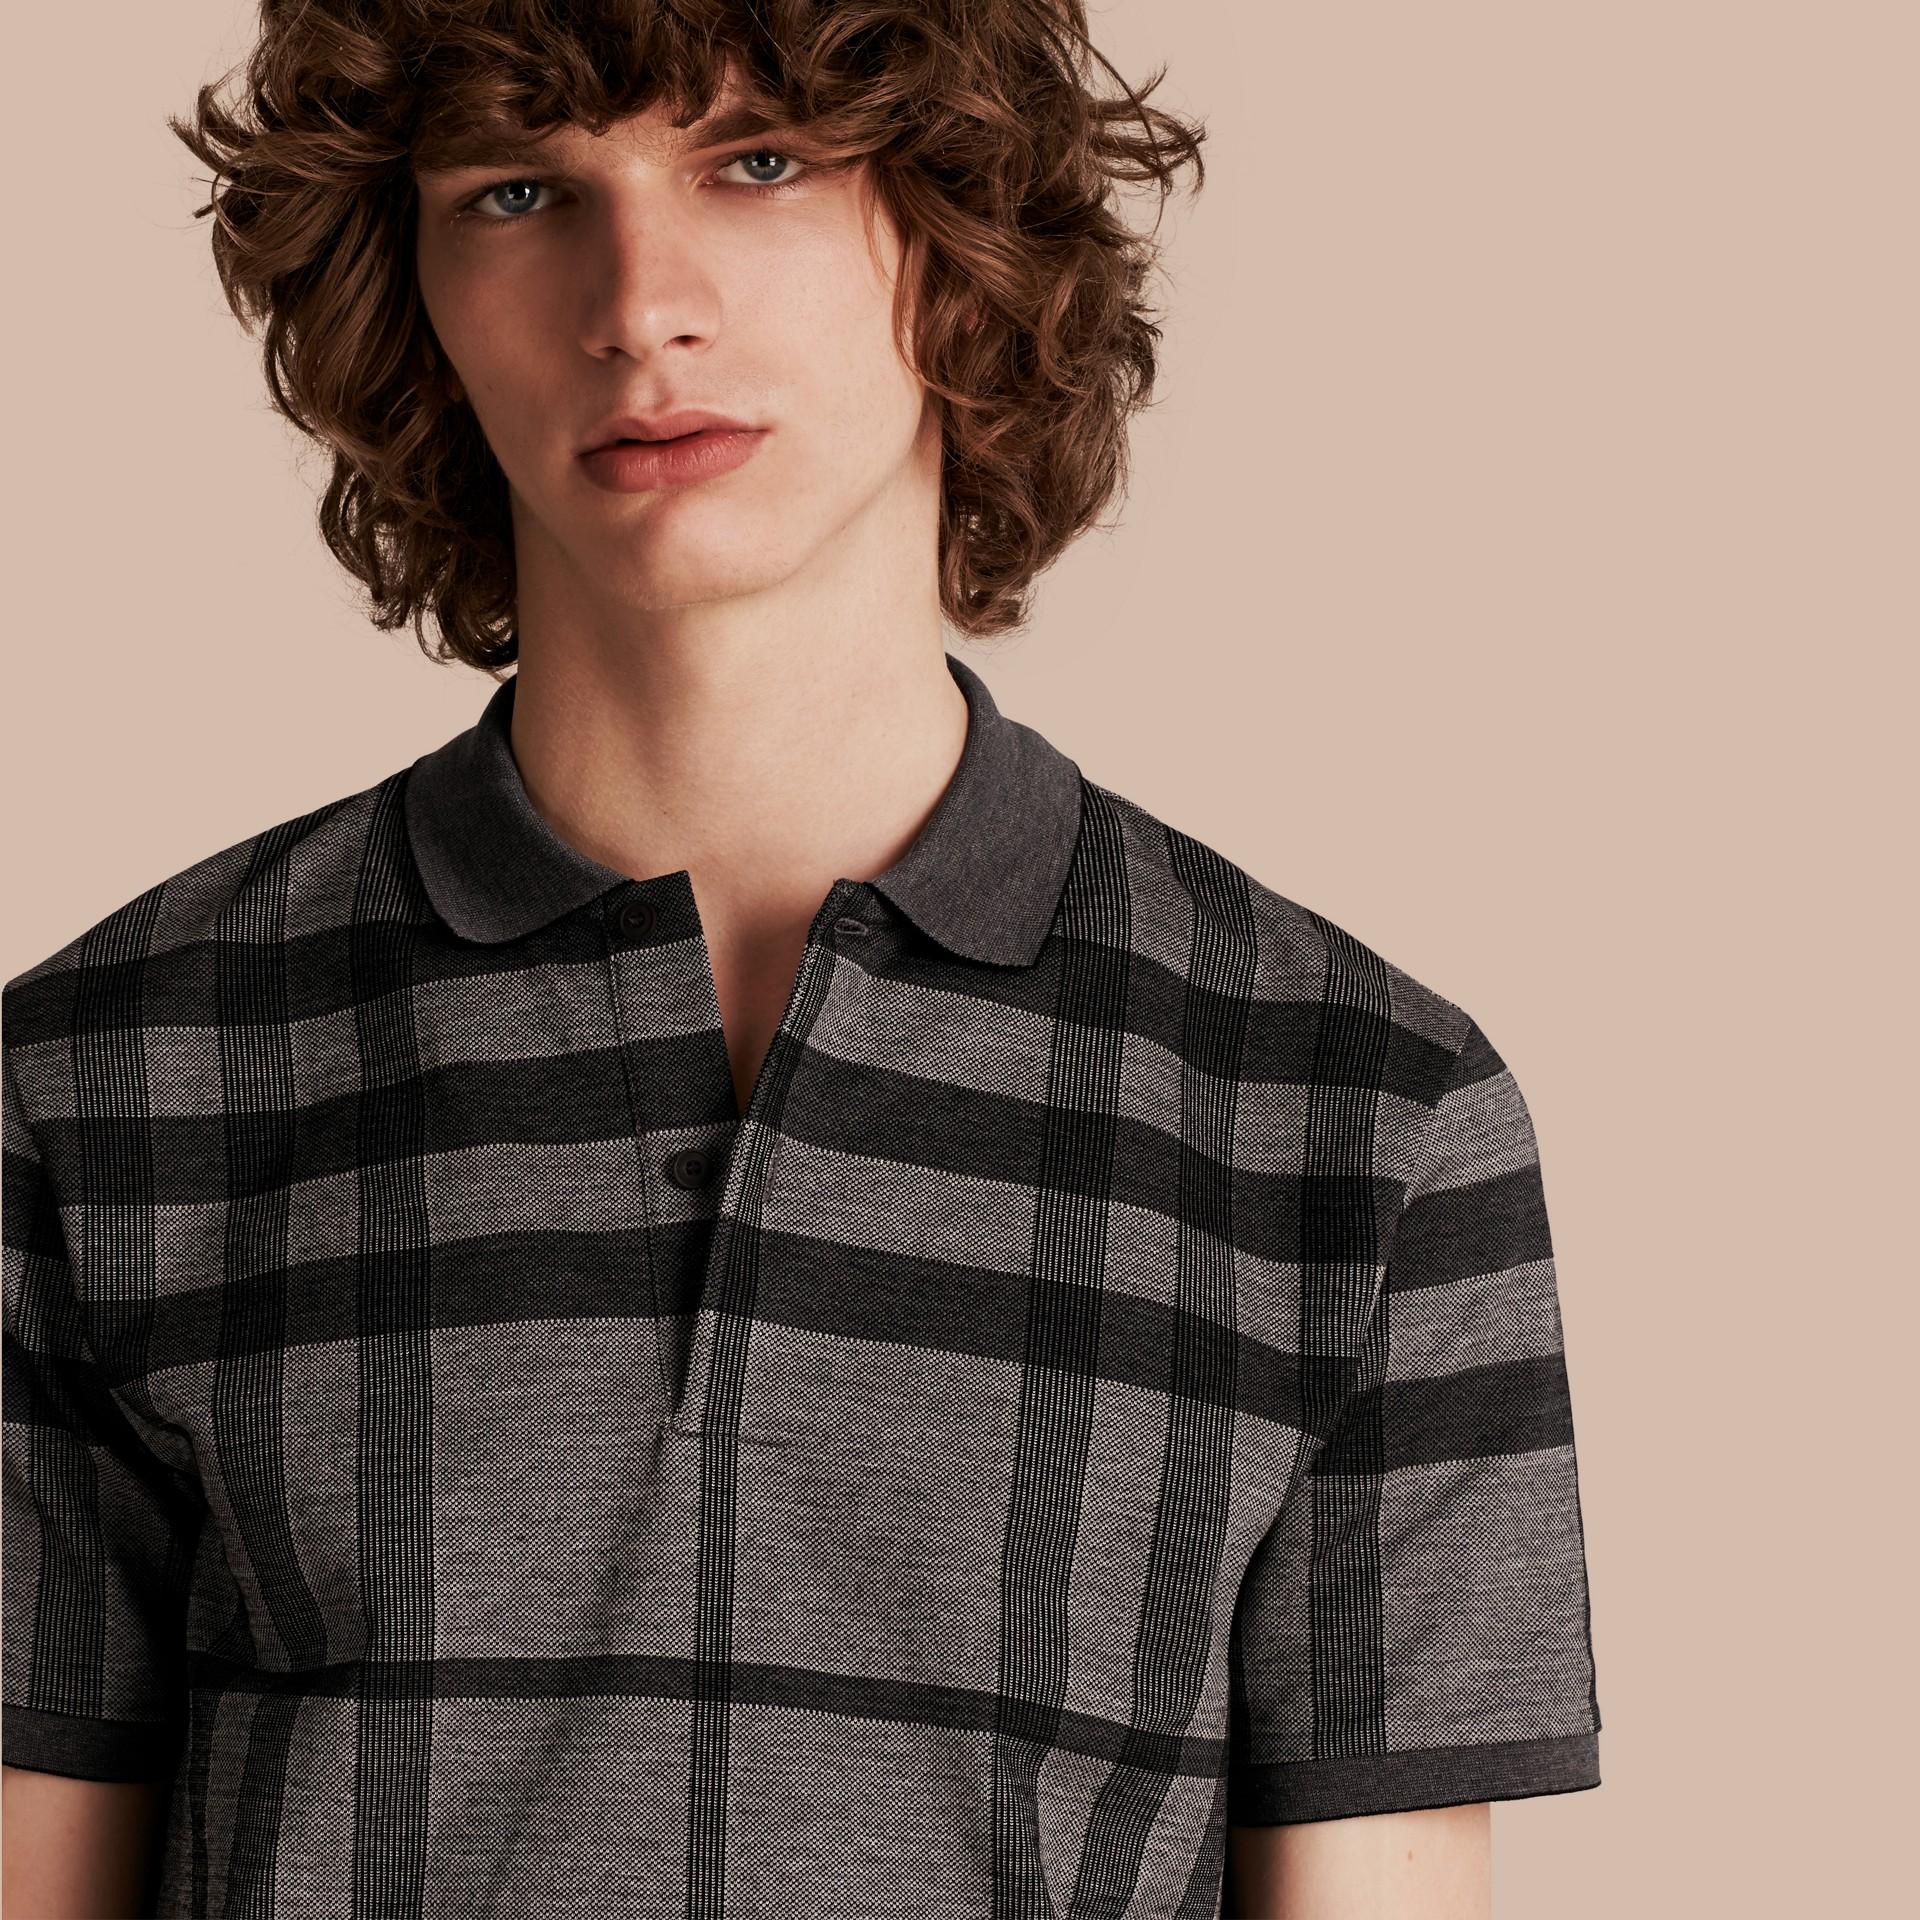 Mid grey Camisa polo de algodão stretch com estampa xadrez Mid Grey - galeria de imagens 1